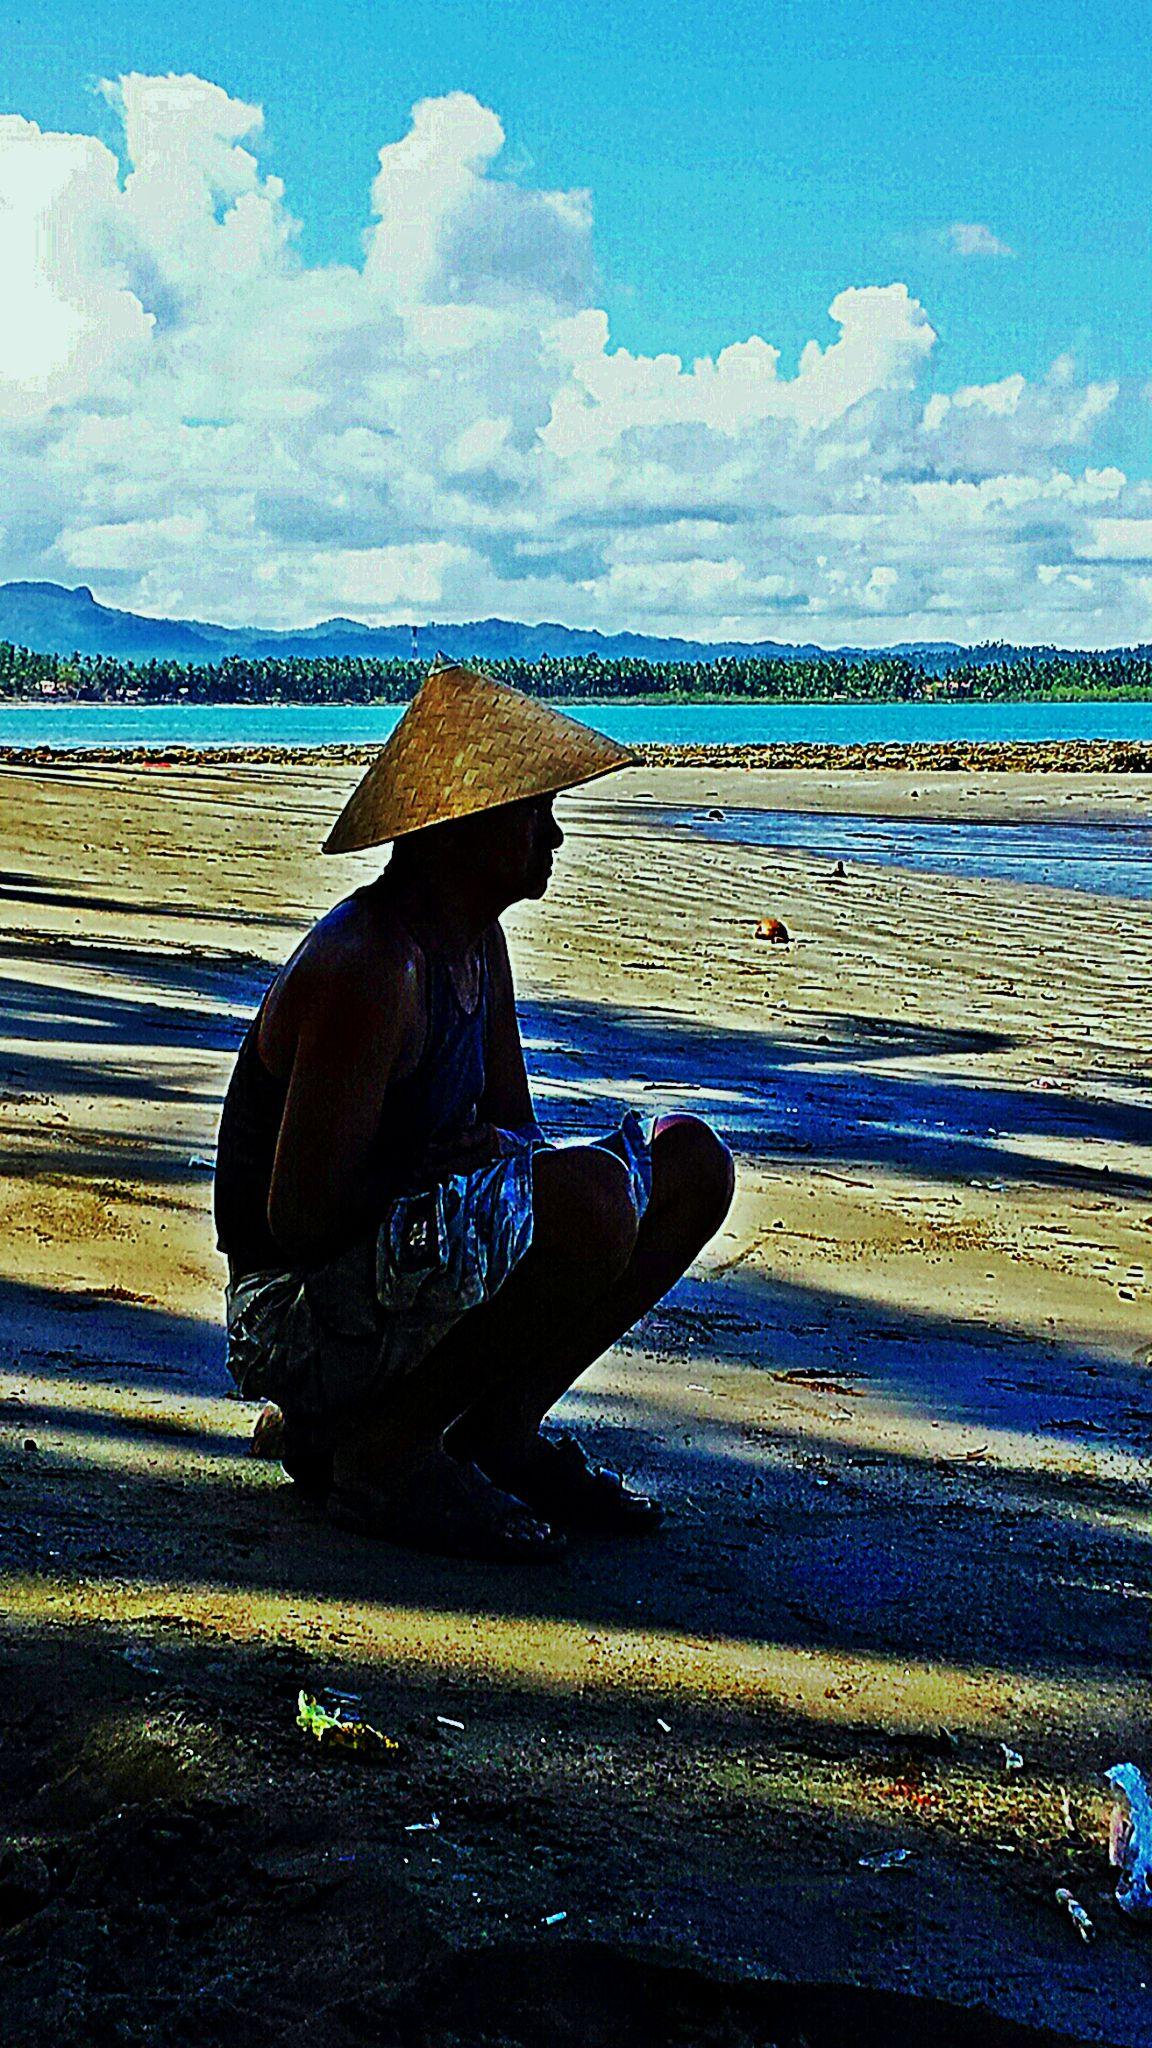 The Fisherman by Erlinda Bocar Kantor